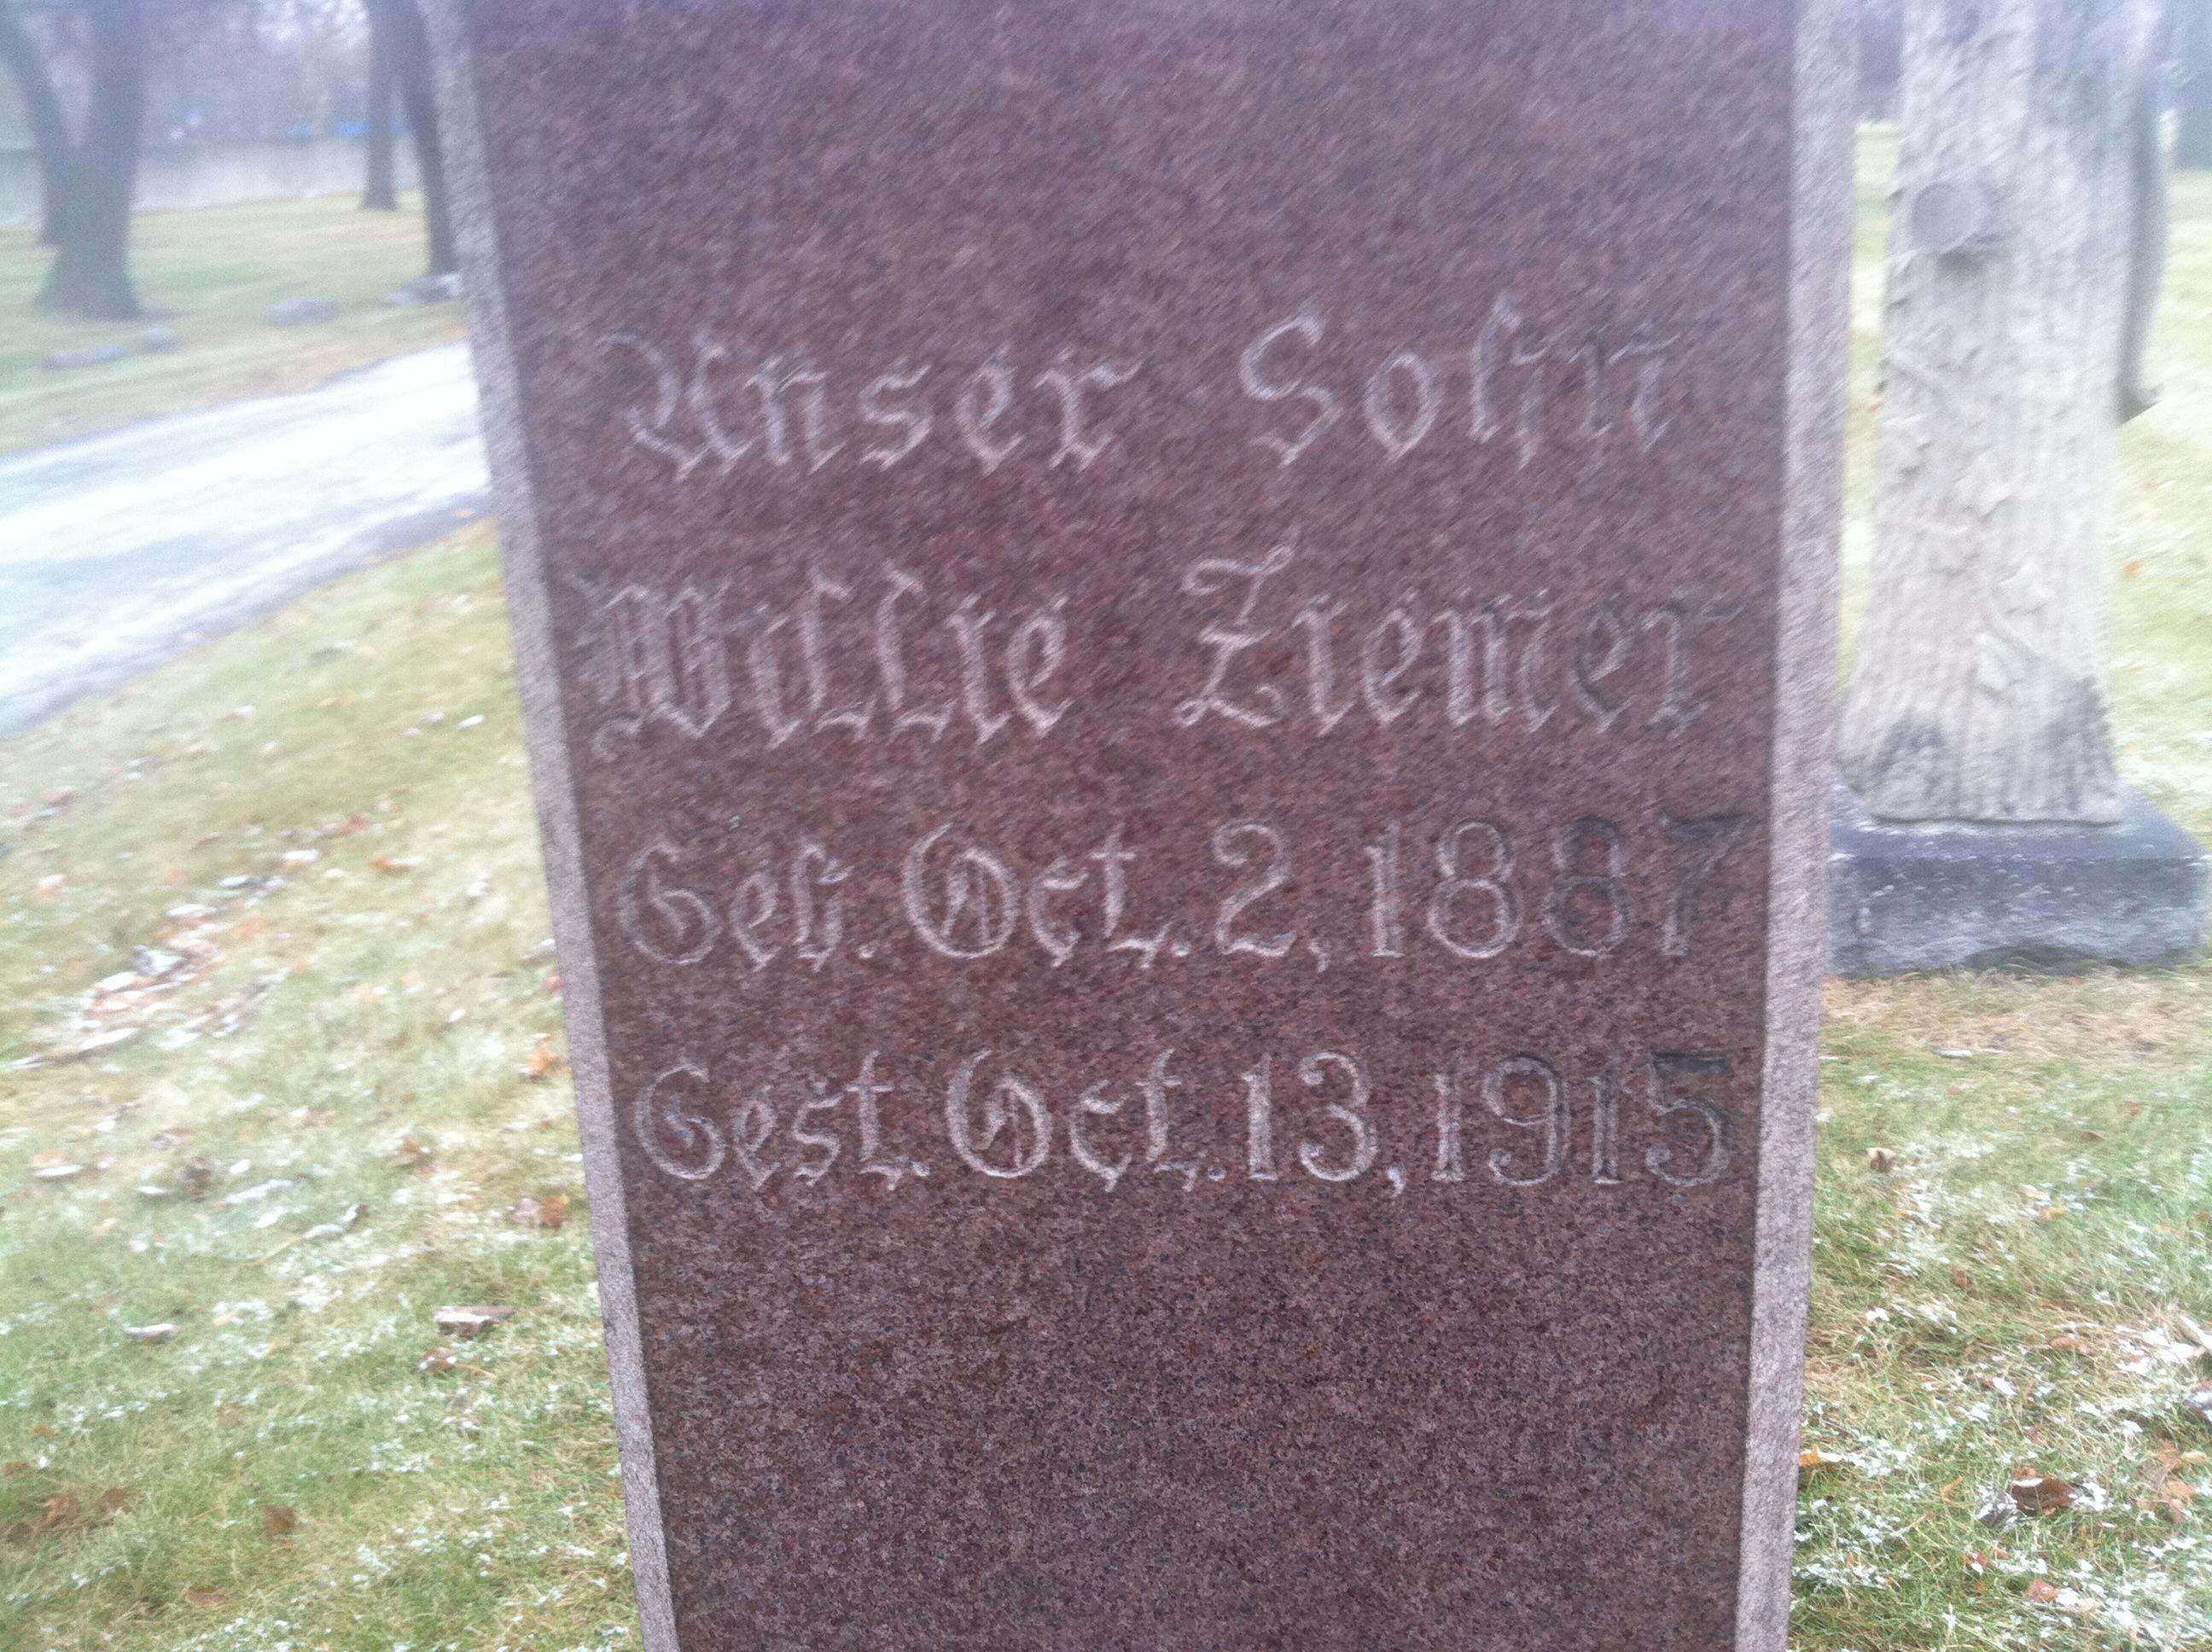 William Ziemer